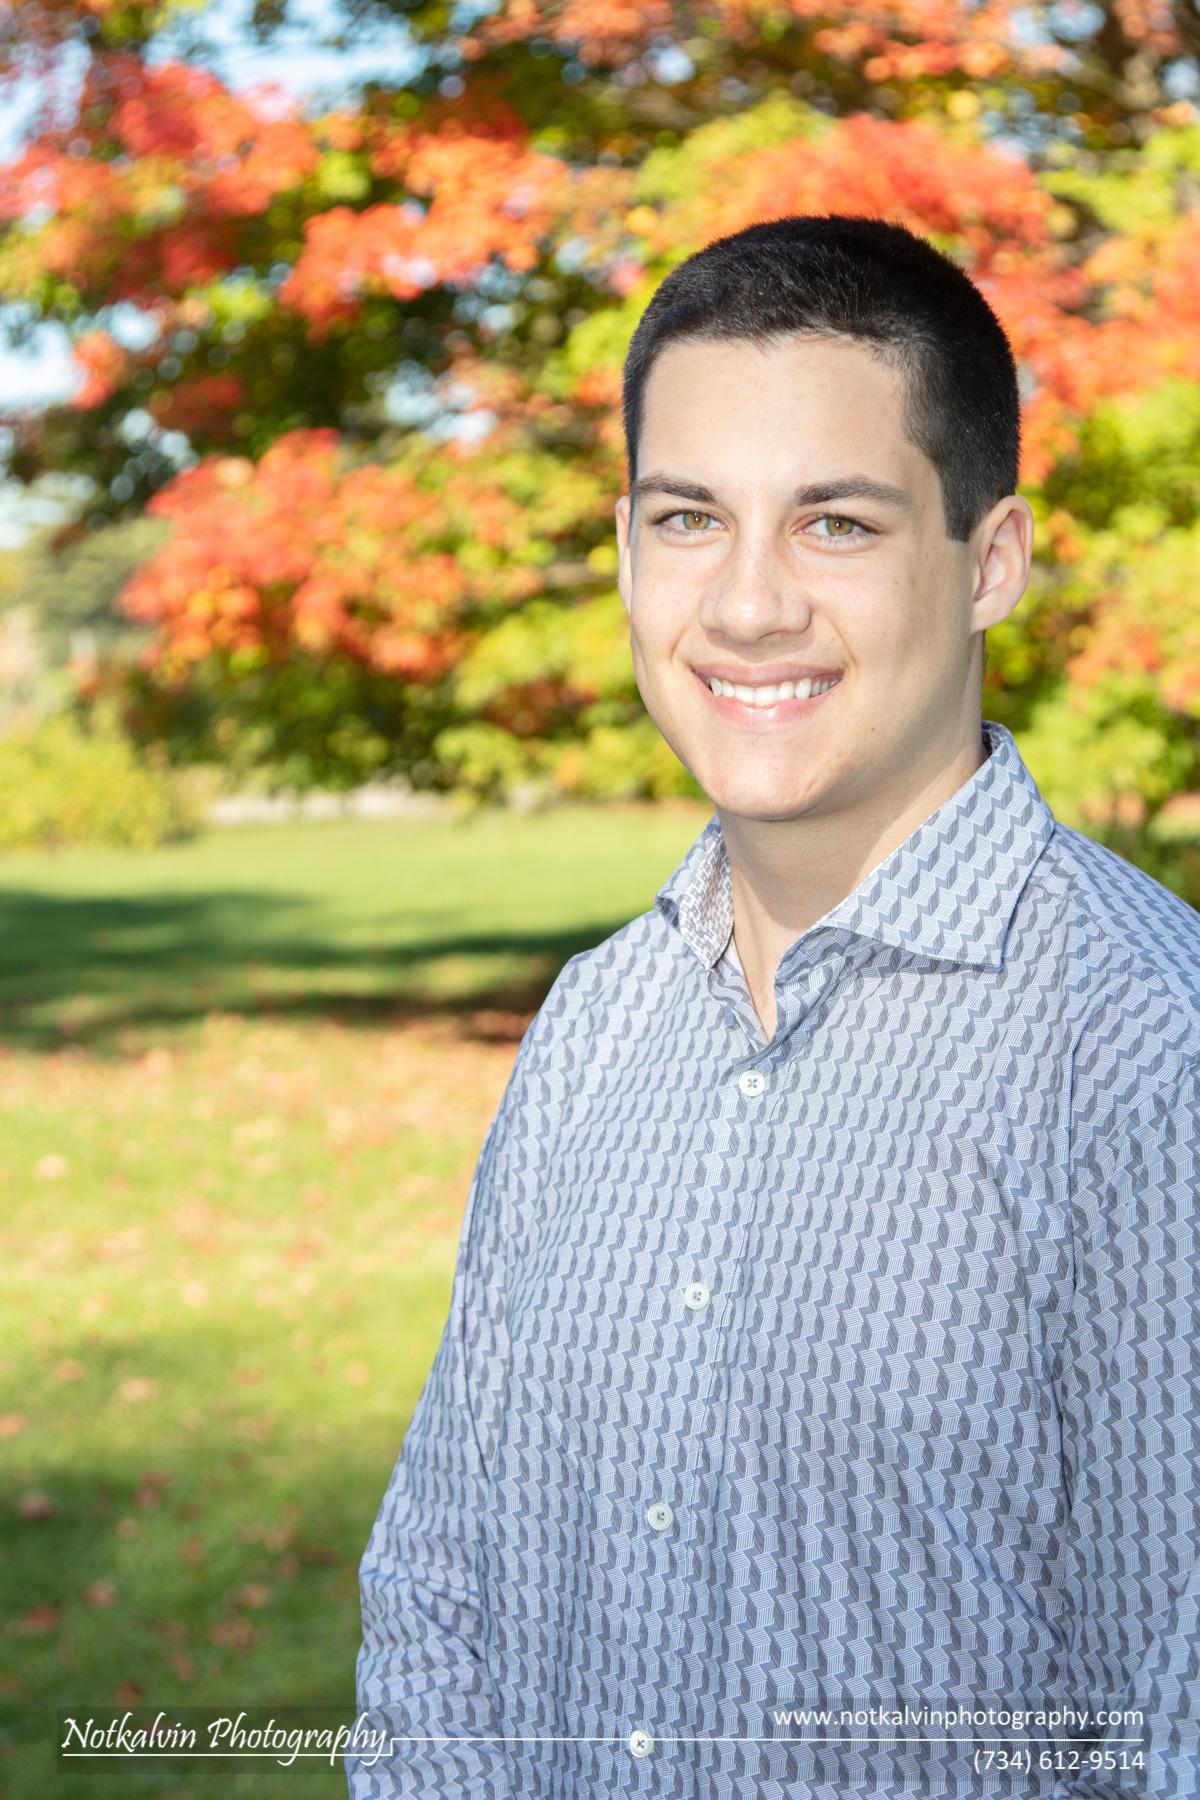 Michael Linderman - 1z3a4905